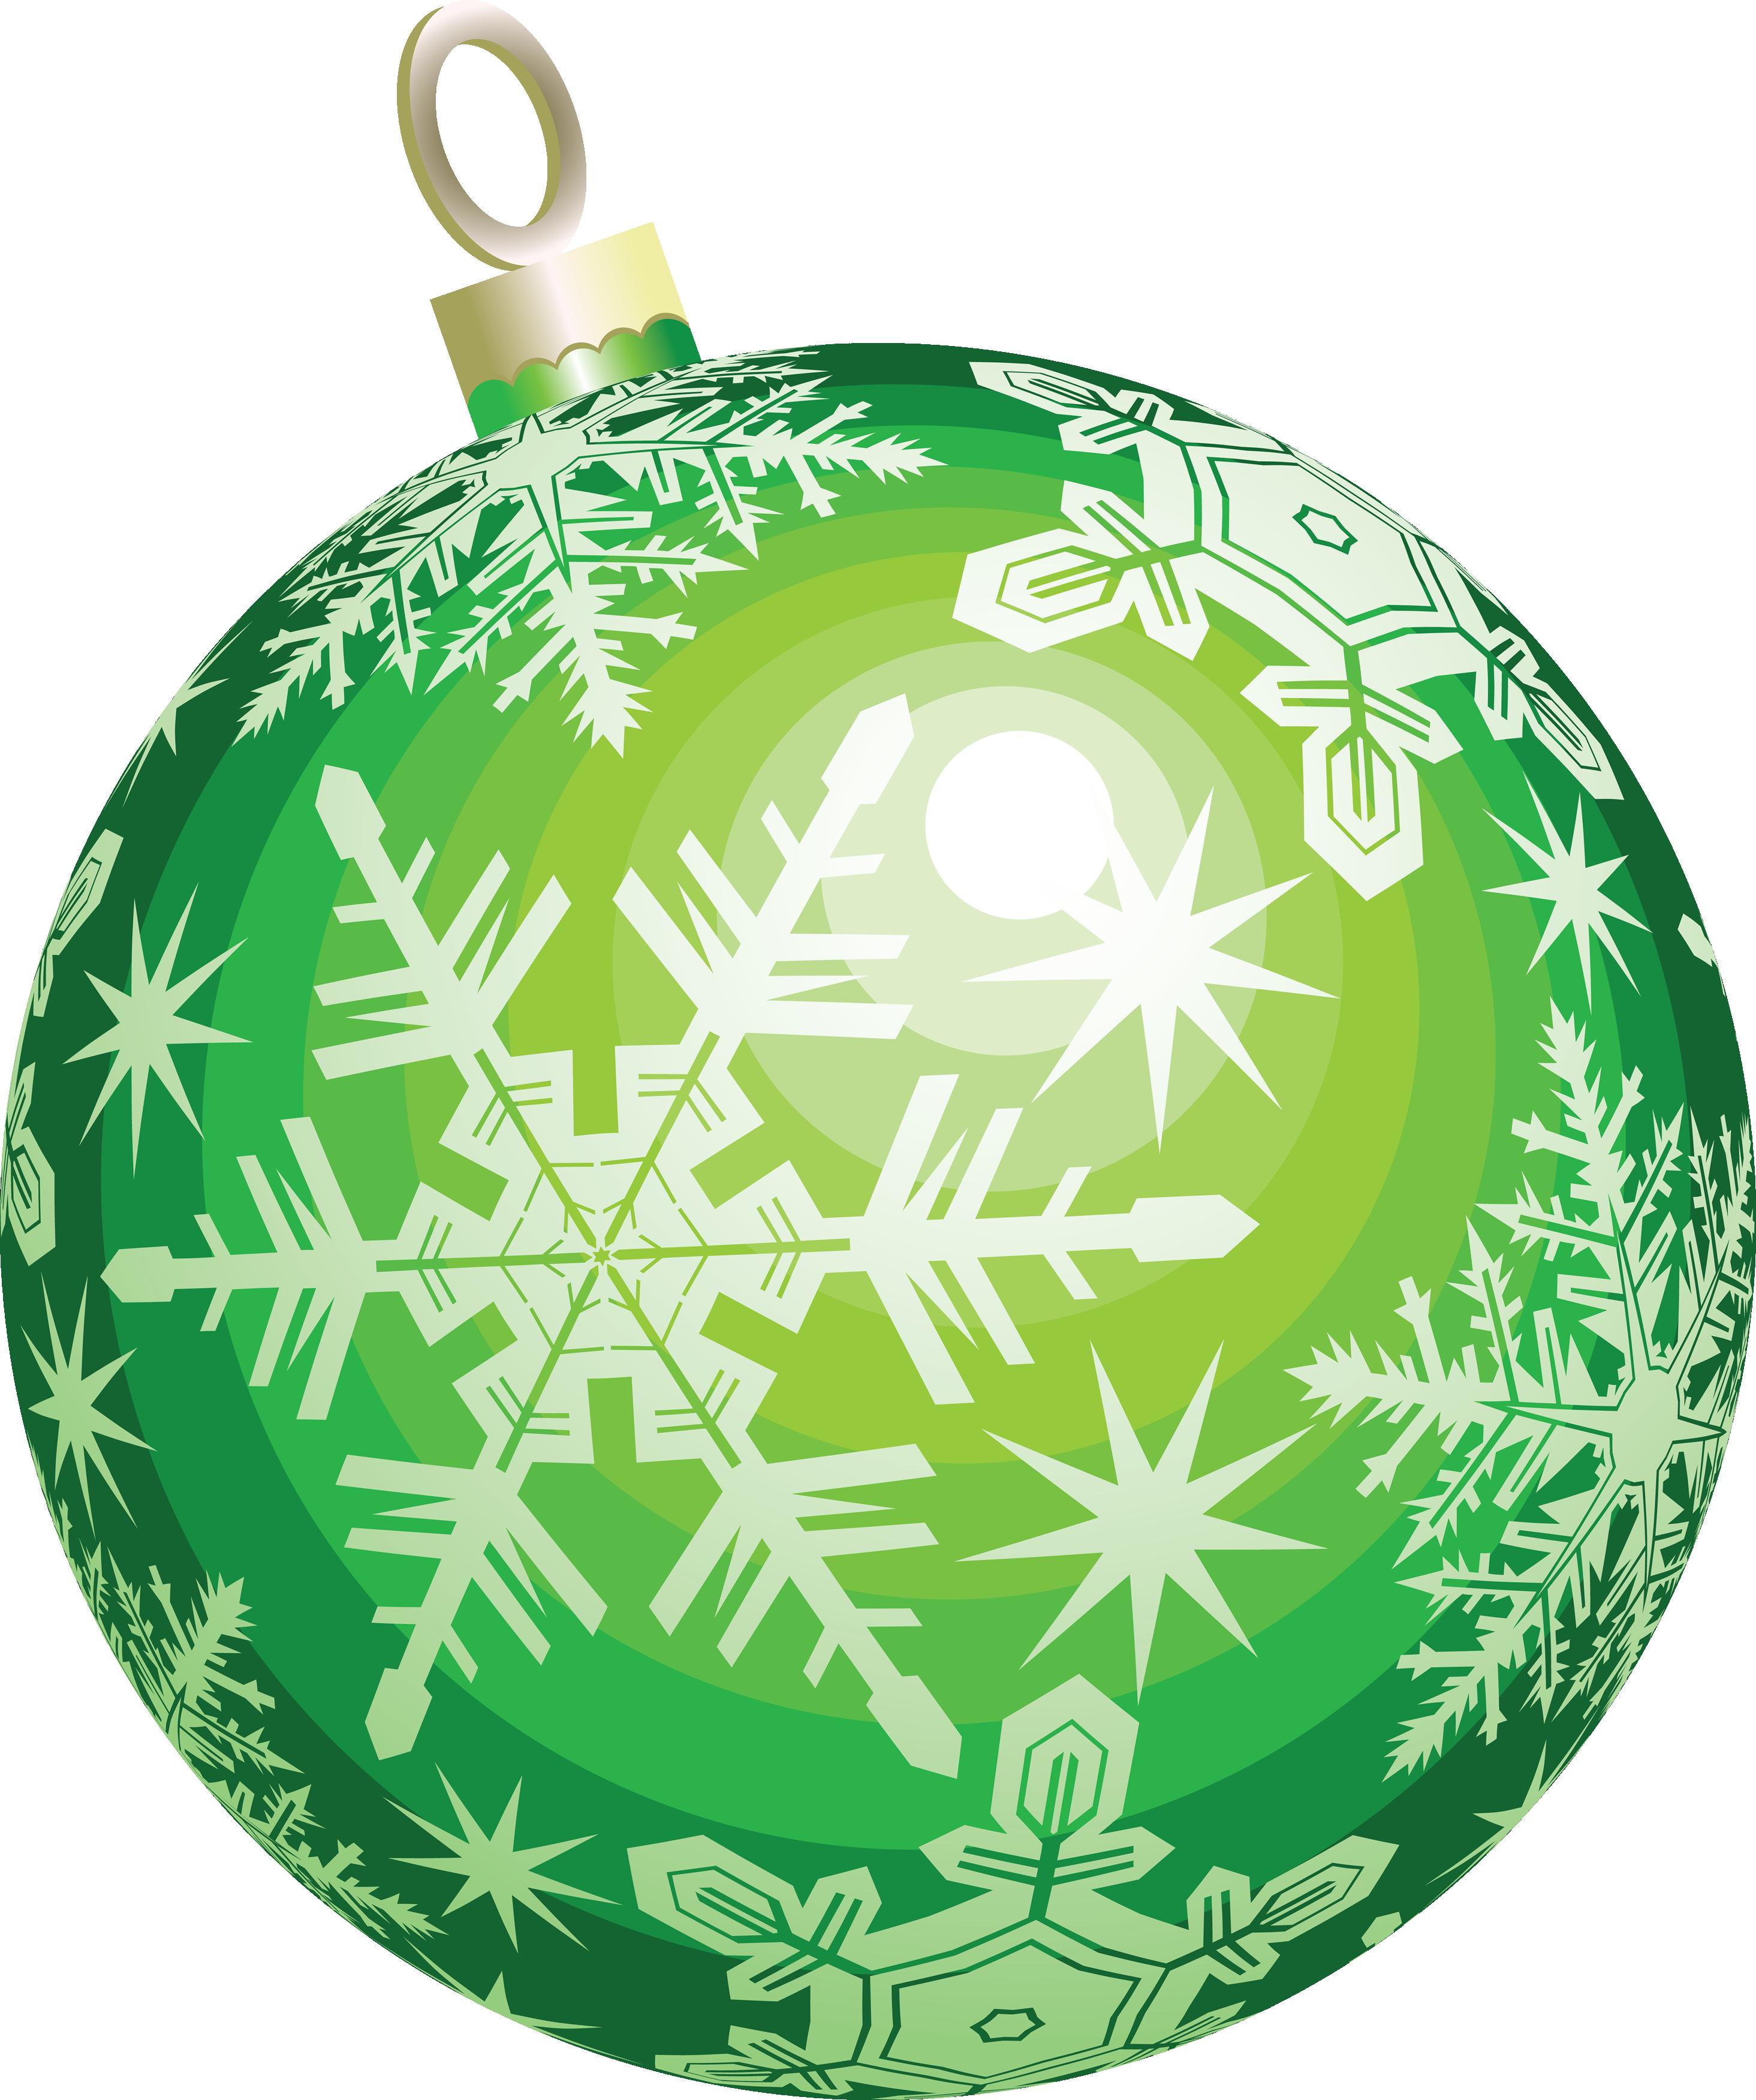 ornament clipart file